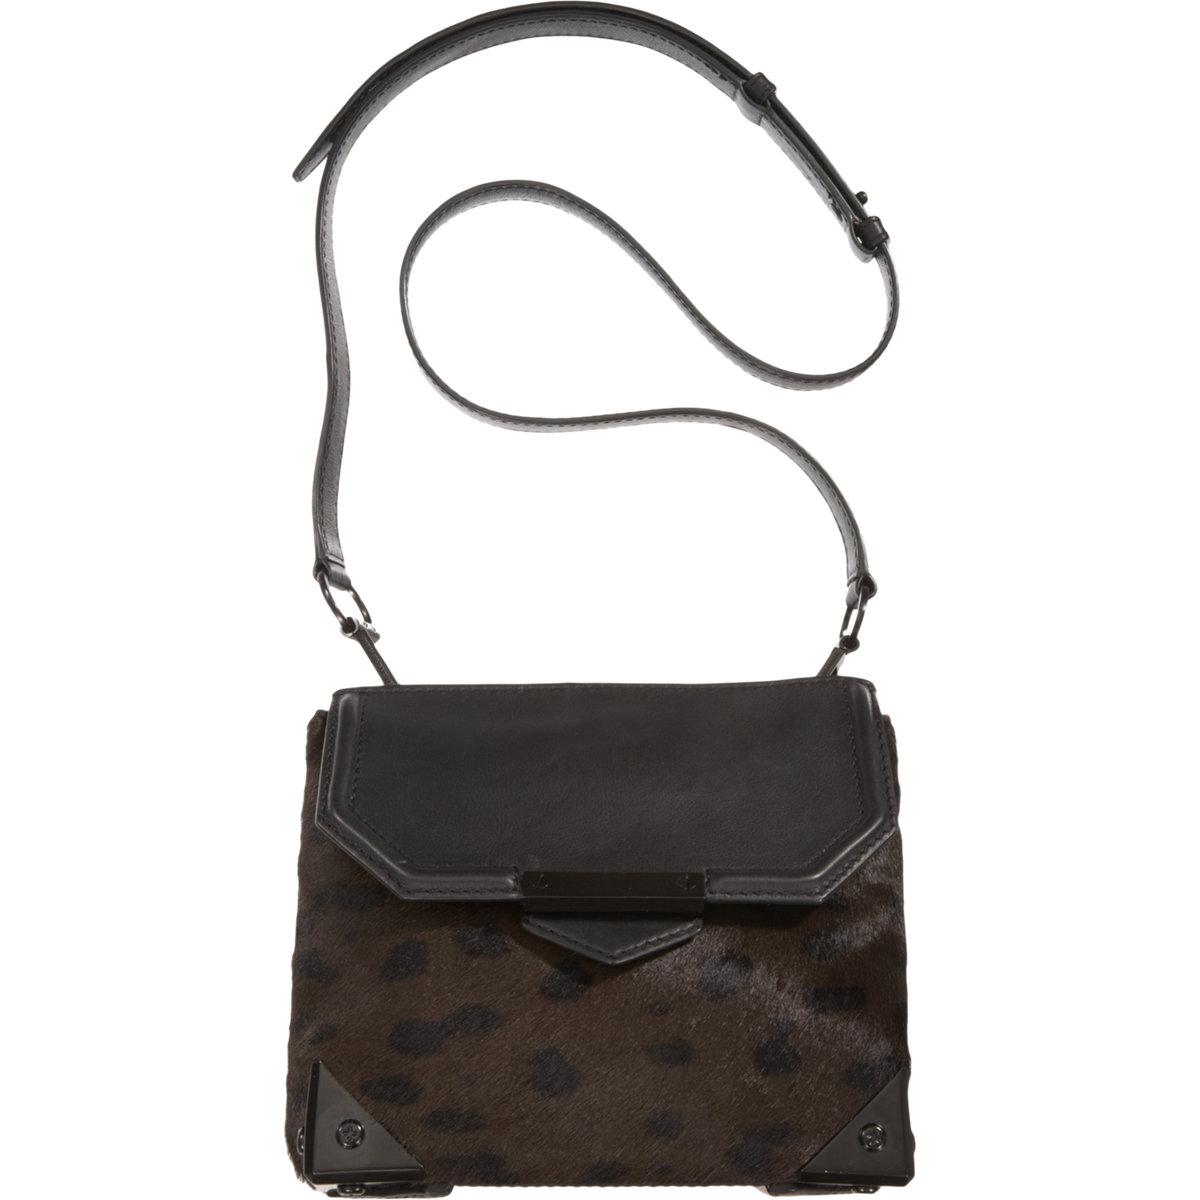 Alexander wang Ponyhair Marion Mini Sling Bag in Black | Lyst